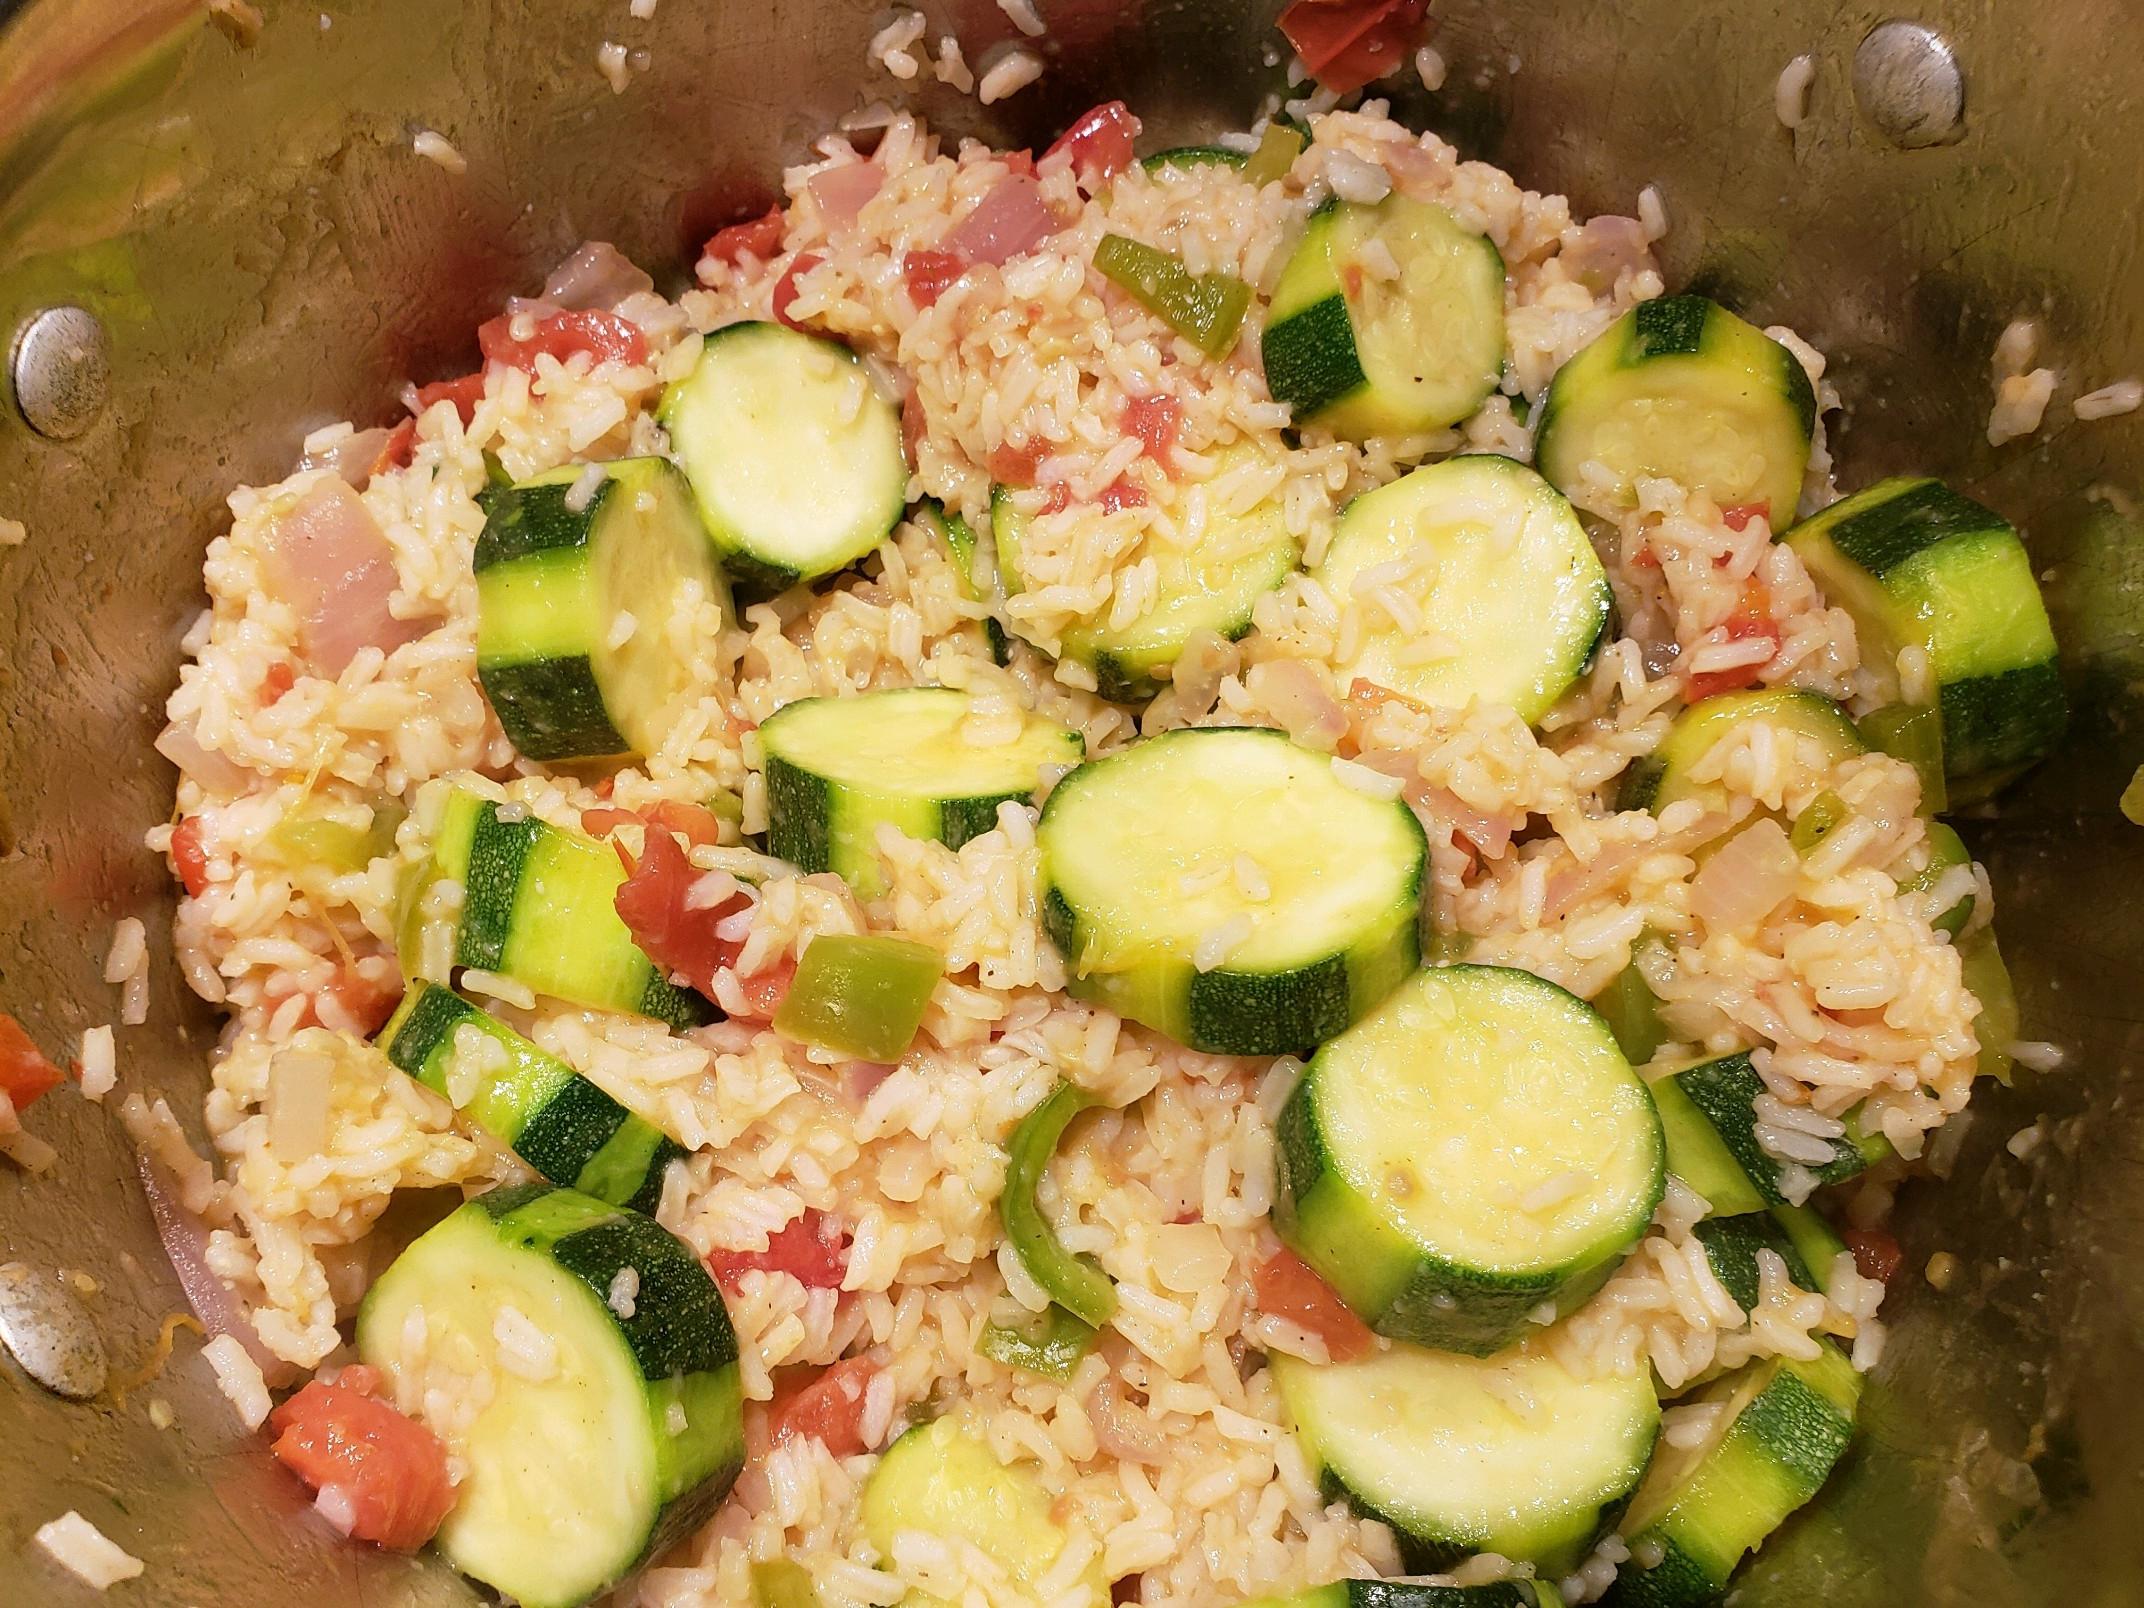 Zucchini-Tomato Saute Riley III